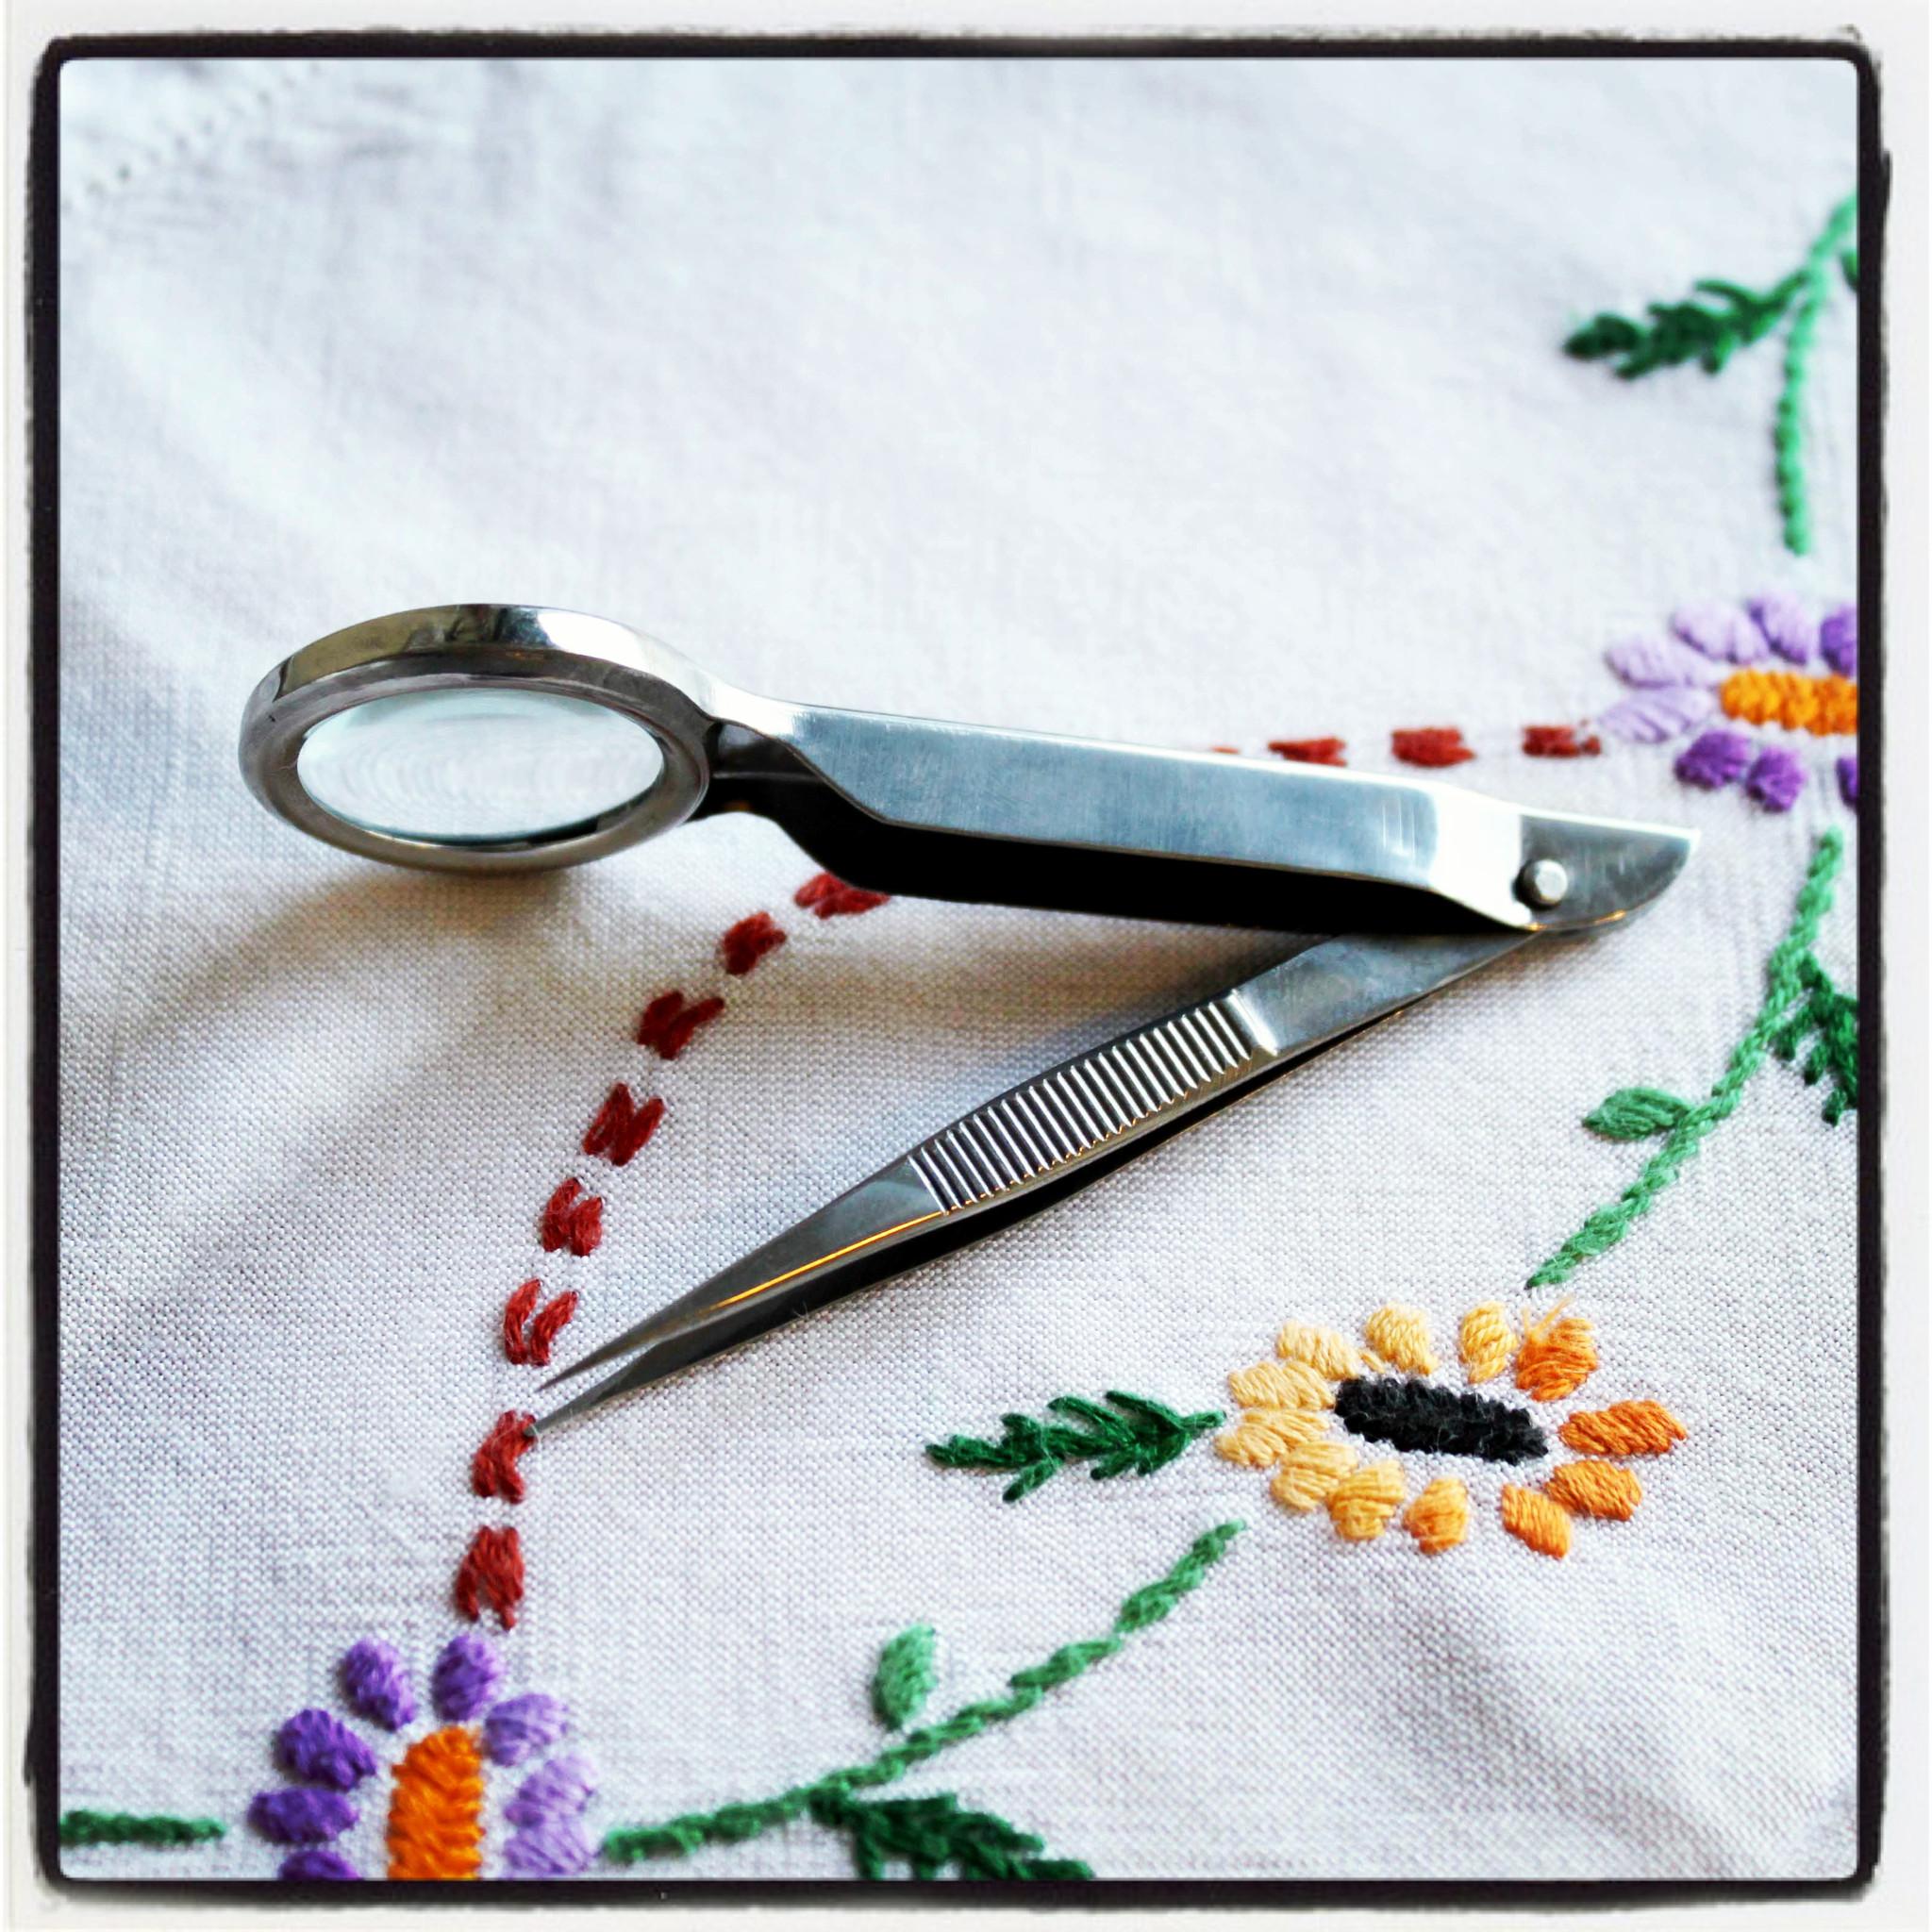 пинцет для вышивки